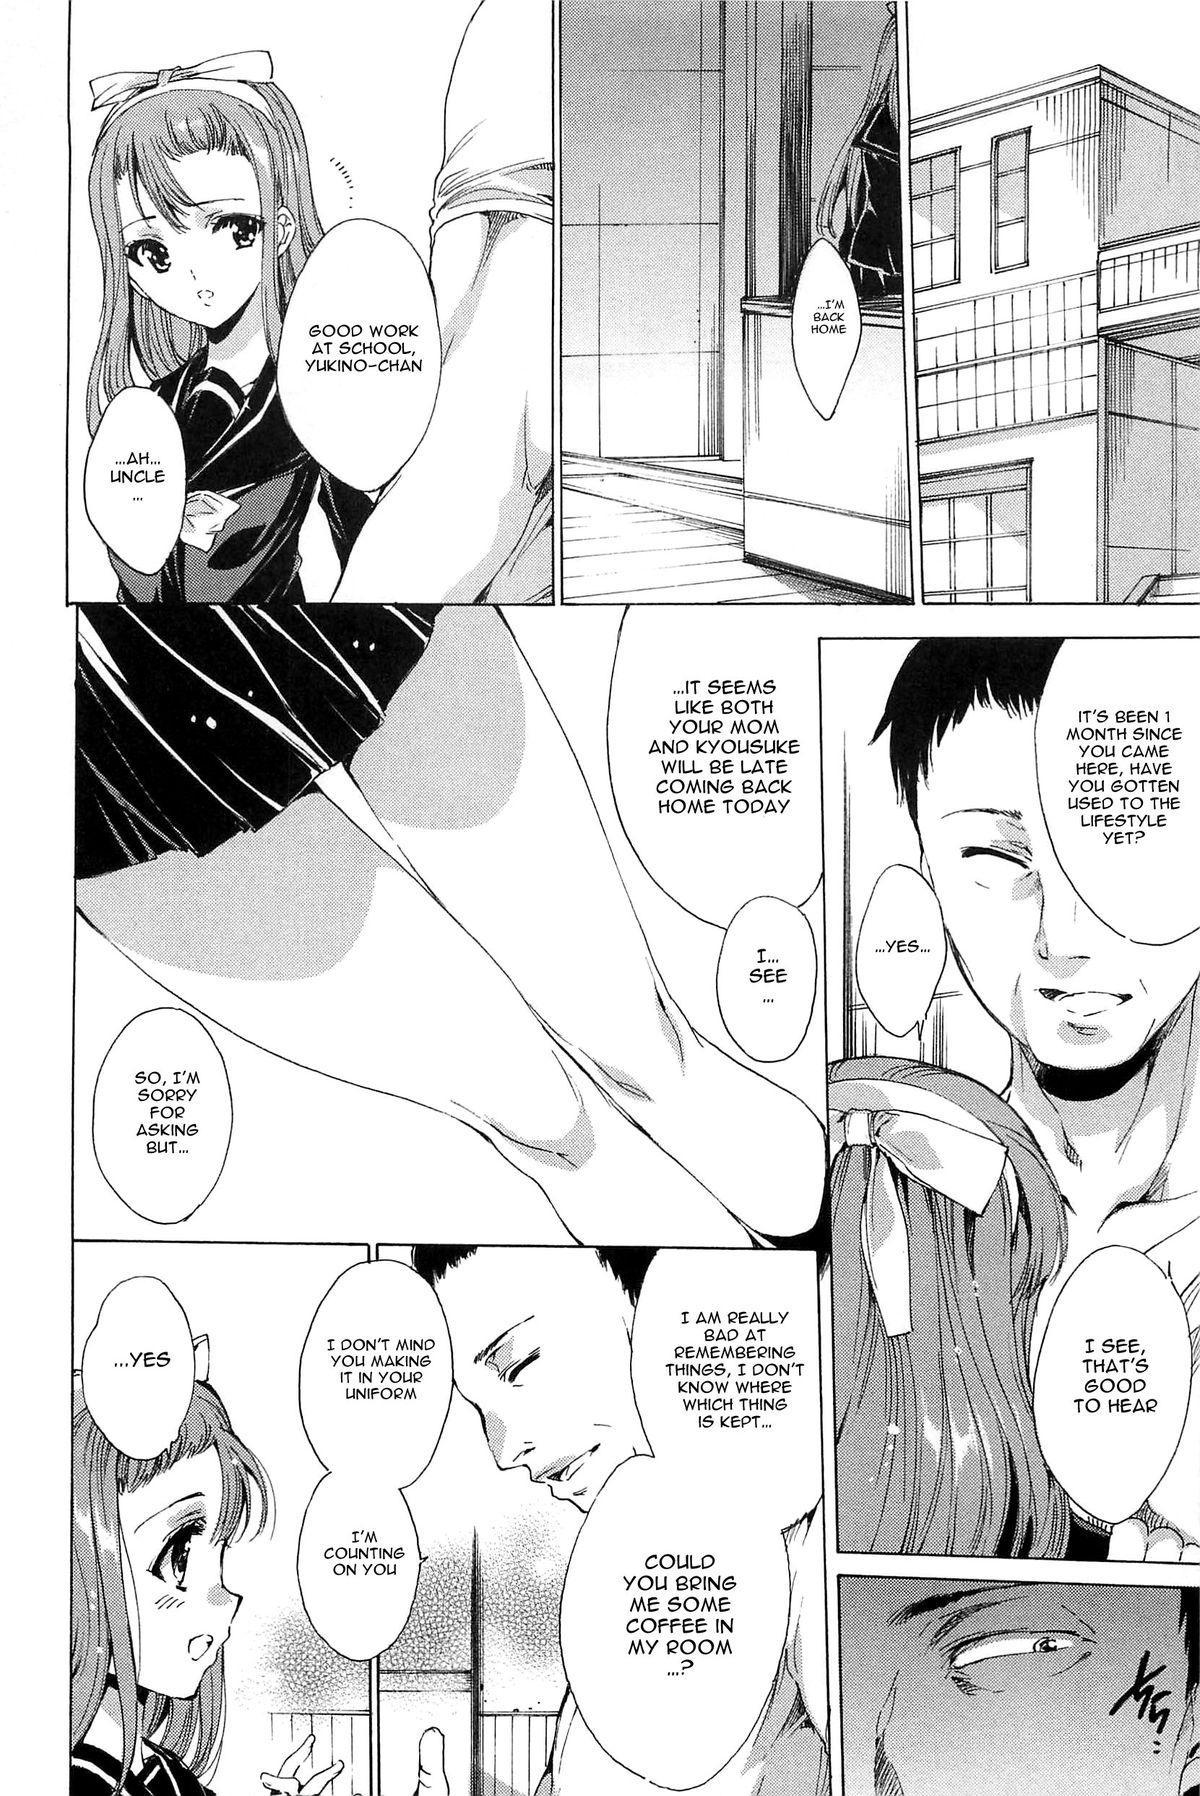 [Yuiga Naoha] Nikuyoku Rensa - NTR Kanojo   Chains of Lust - NTR Girlfriend [English] {doujin-moe.us} 173